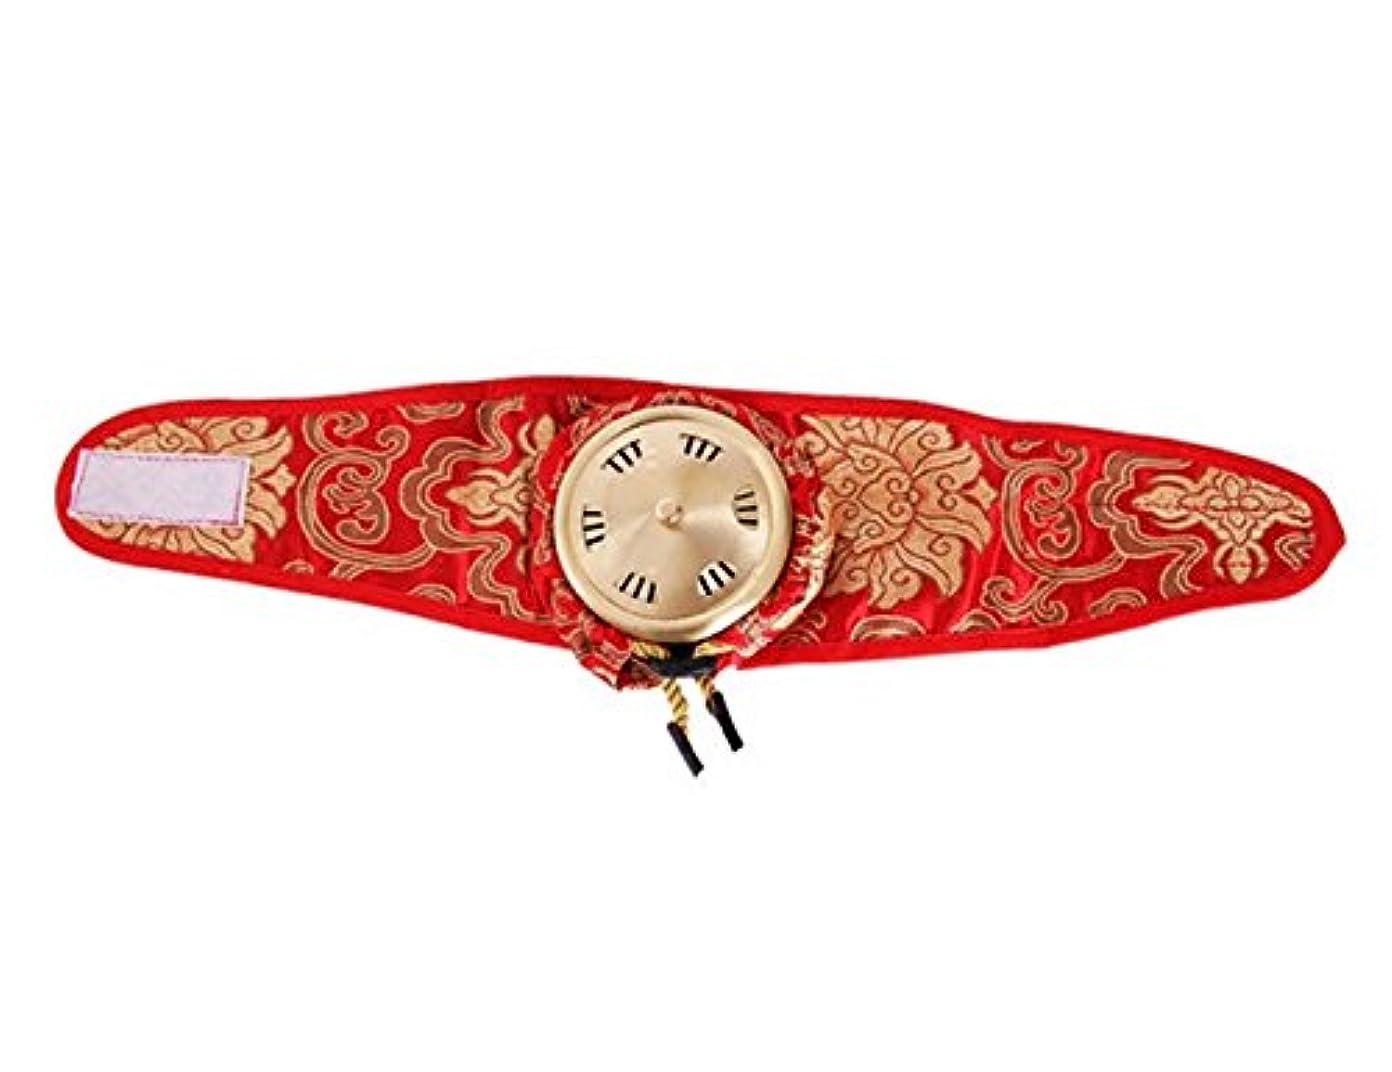 告白するステッチストレッチポータブルシングルリンク純粋な銅サテン布灸マッサージボックス Elitzia ET01